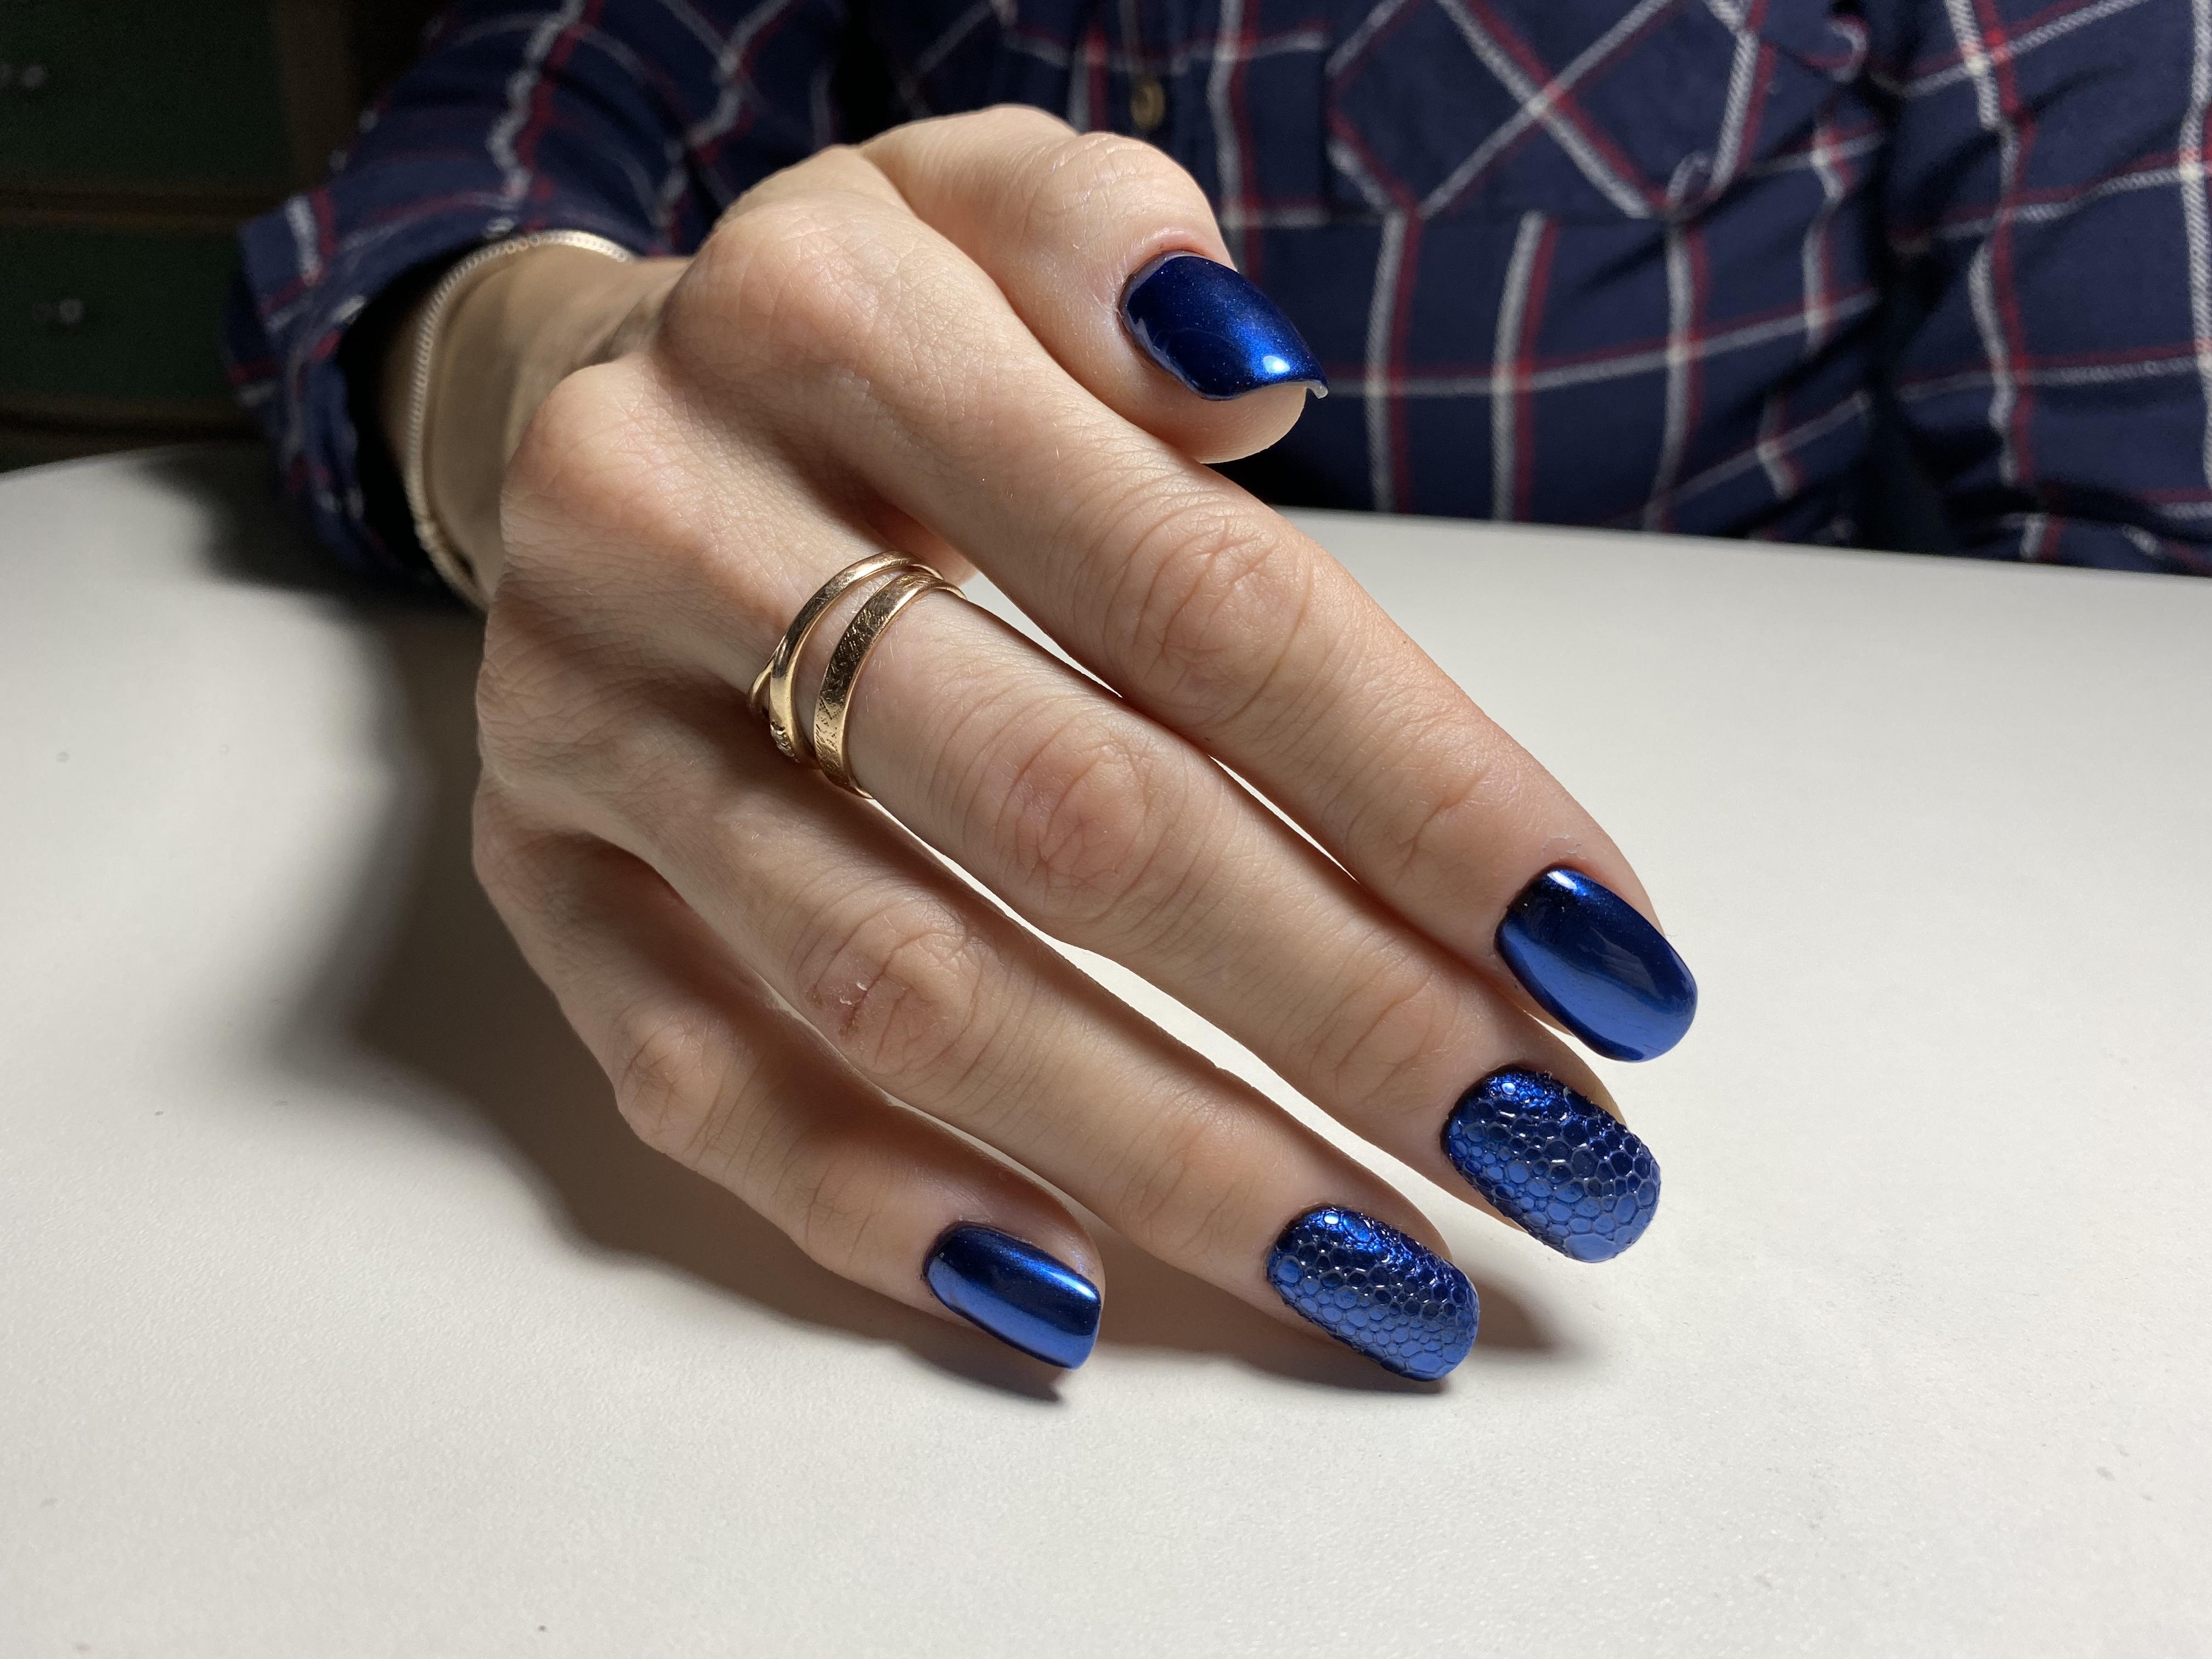 Маникюр с втиркой и bubble-эффектом в синем цвете.